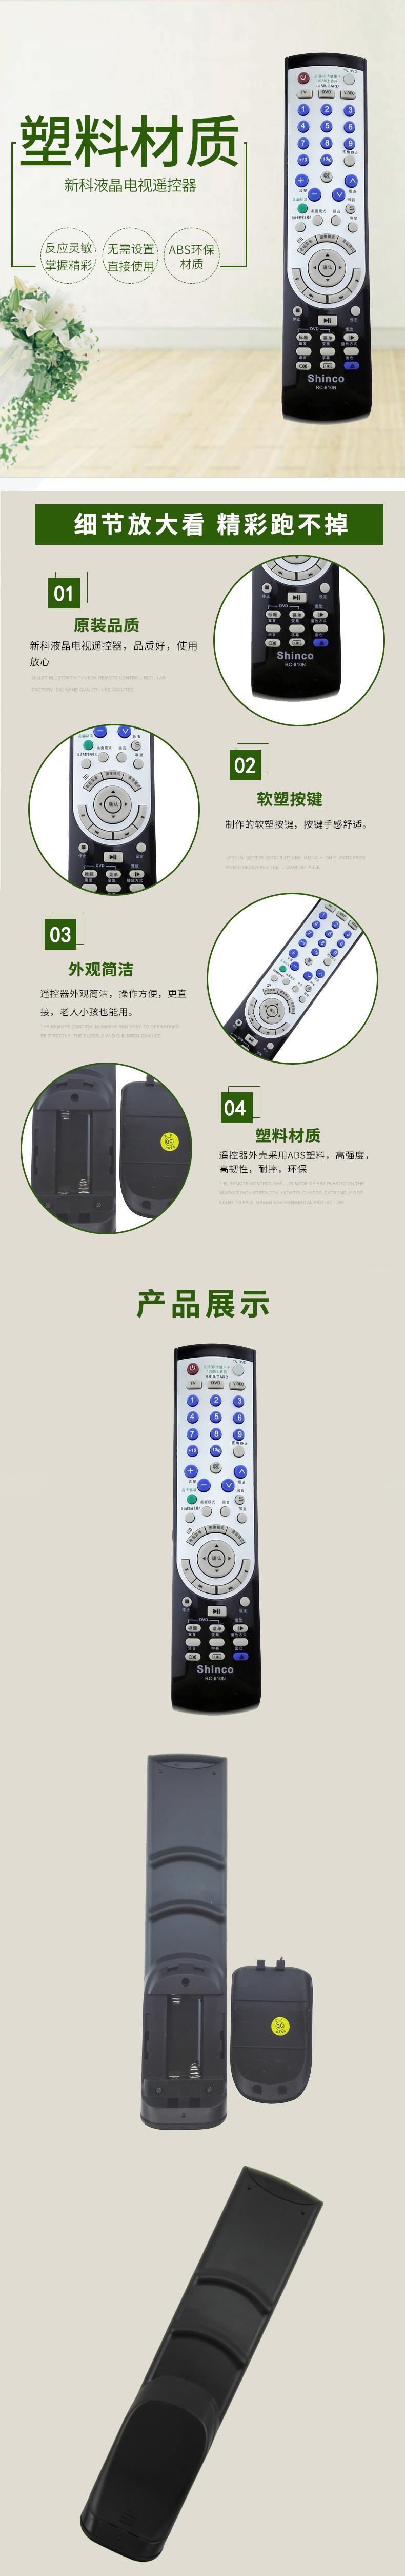 新科液晶电视遥控器rc-810n rc-810a rc-260b dtv4230